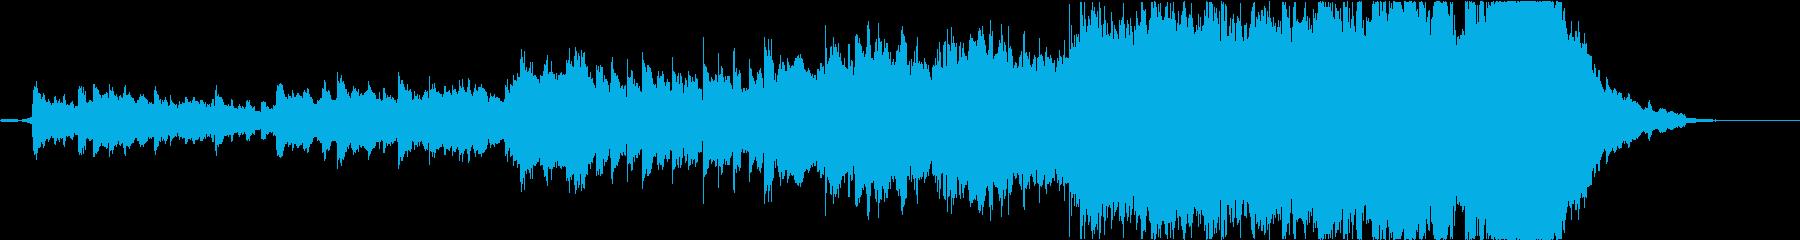 クラシック 交響曲 感情的 バラー...の再生済みの波形